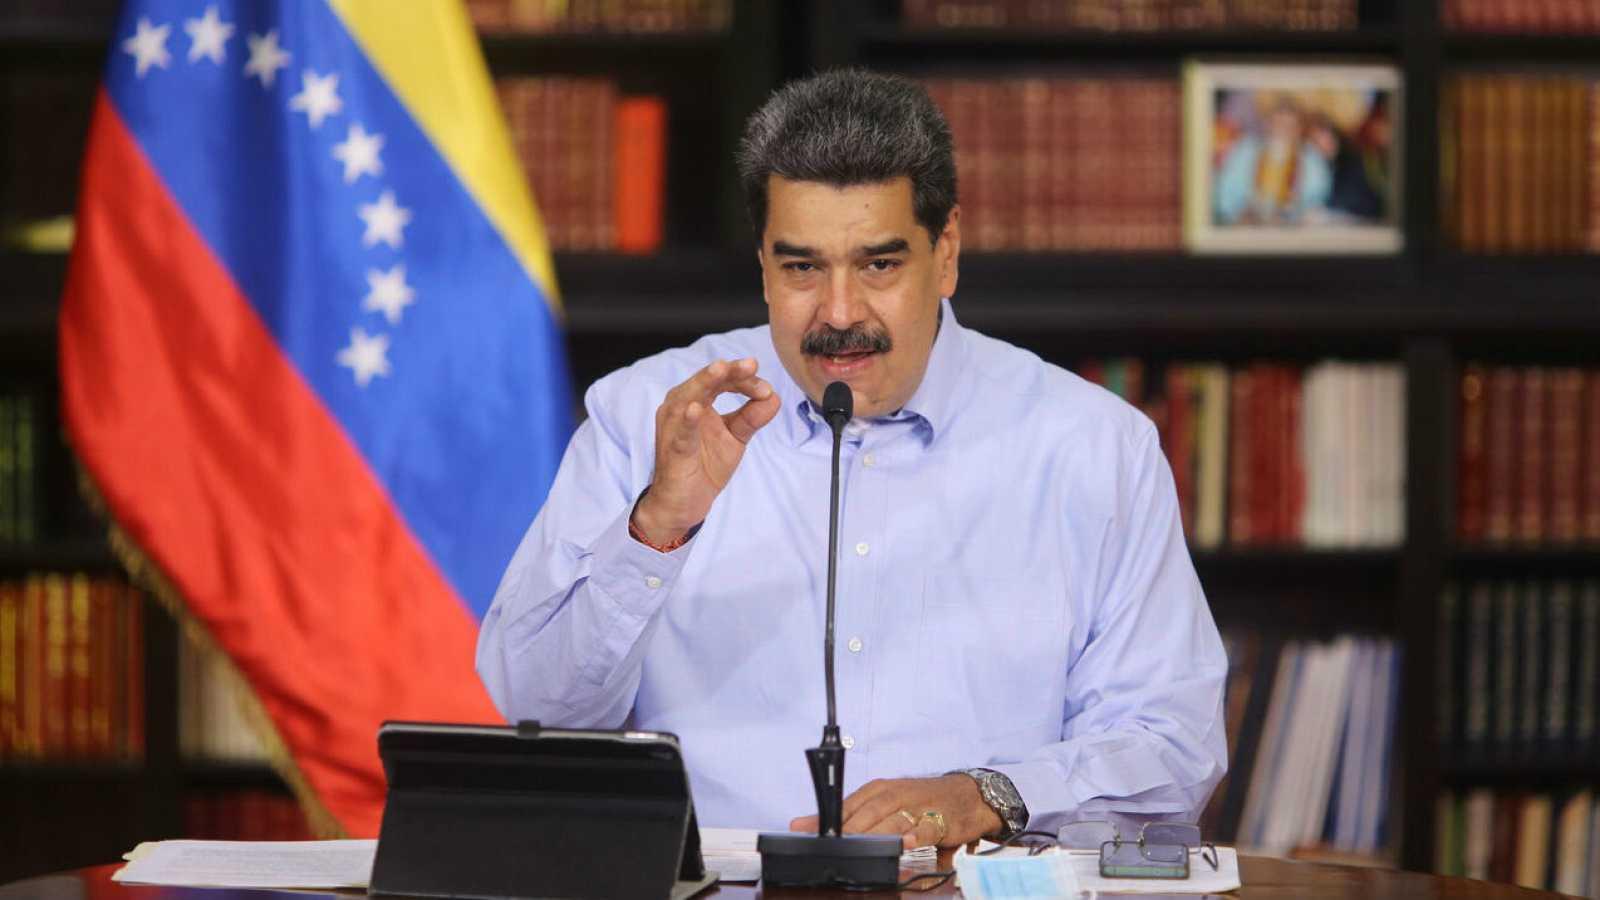 Nicolás Maduro durante una prensa en Caracas, Venezuela, el 4 de octubre de 2020.